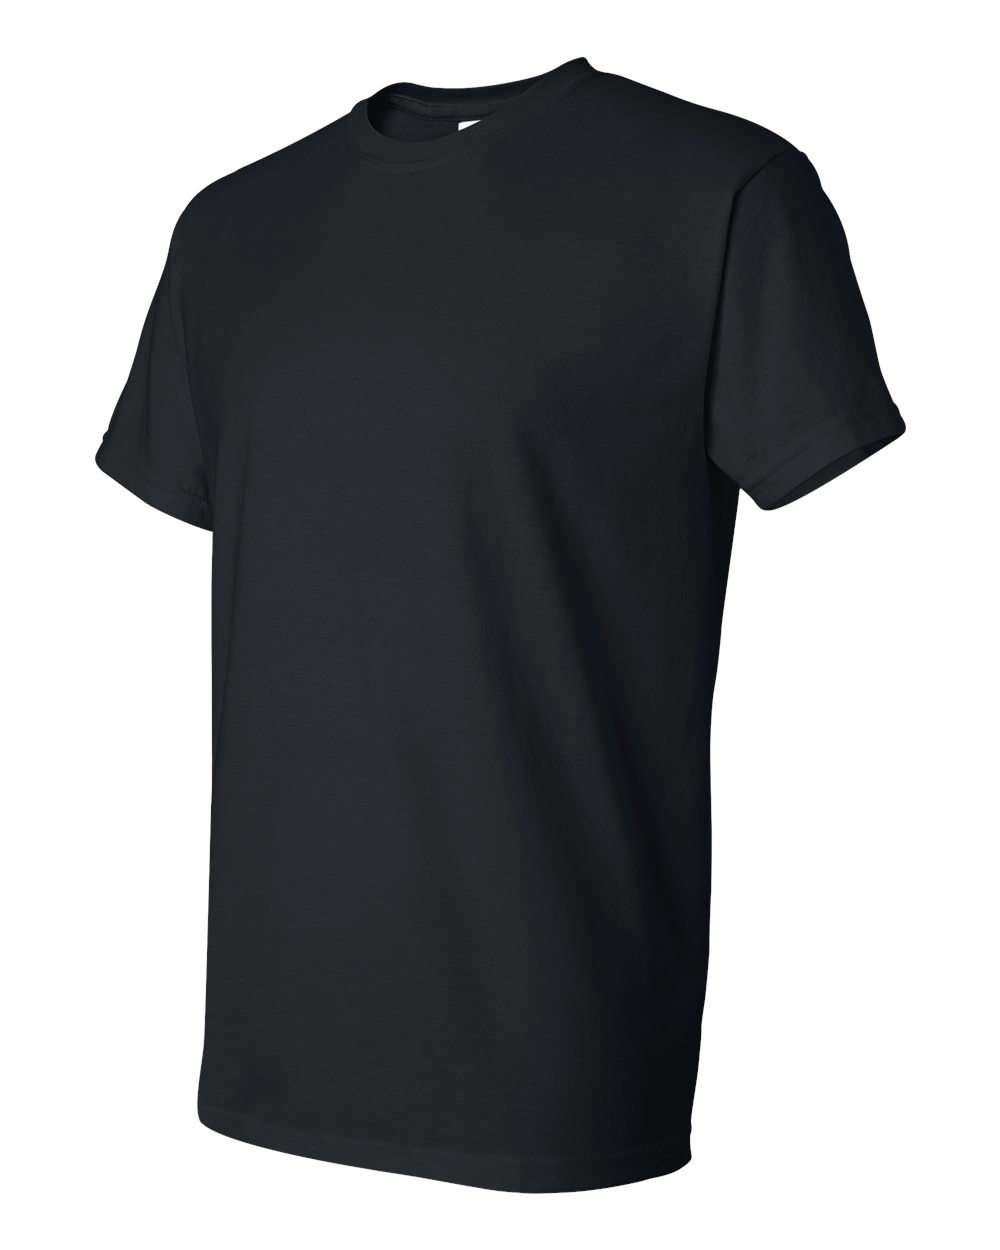 Gildan-Mens-DryBlend-5-6-oz-50-50-T-Shirt-G800-Size-S-5XL thumbnail 11